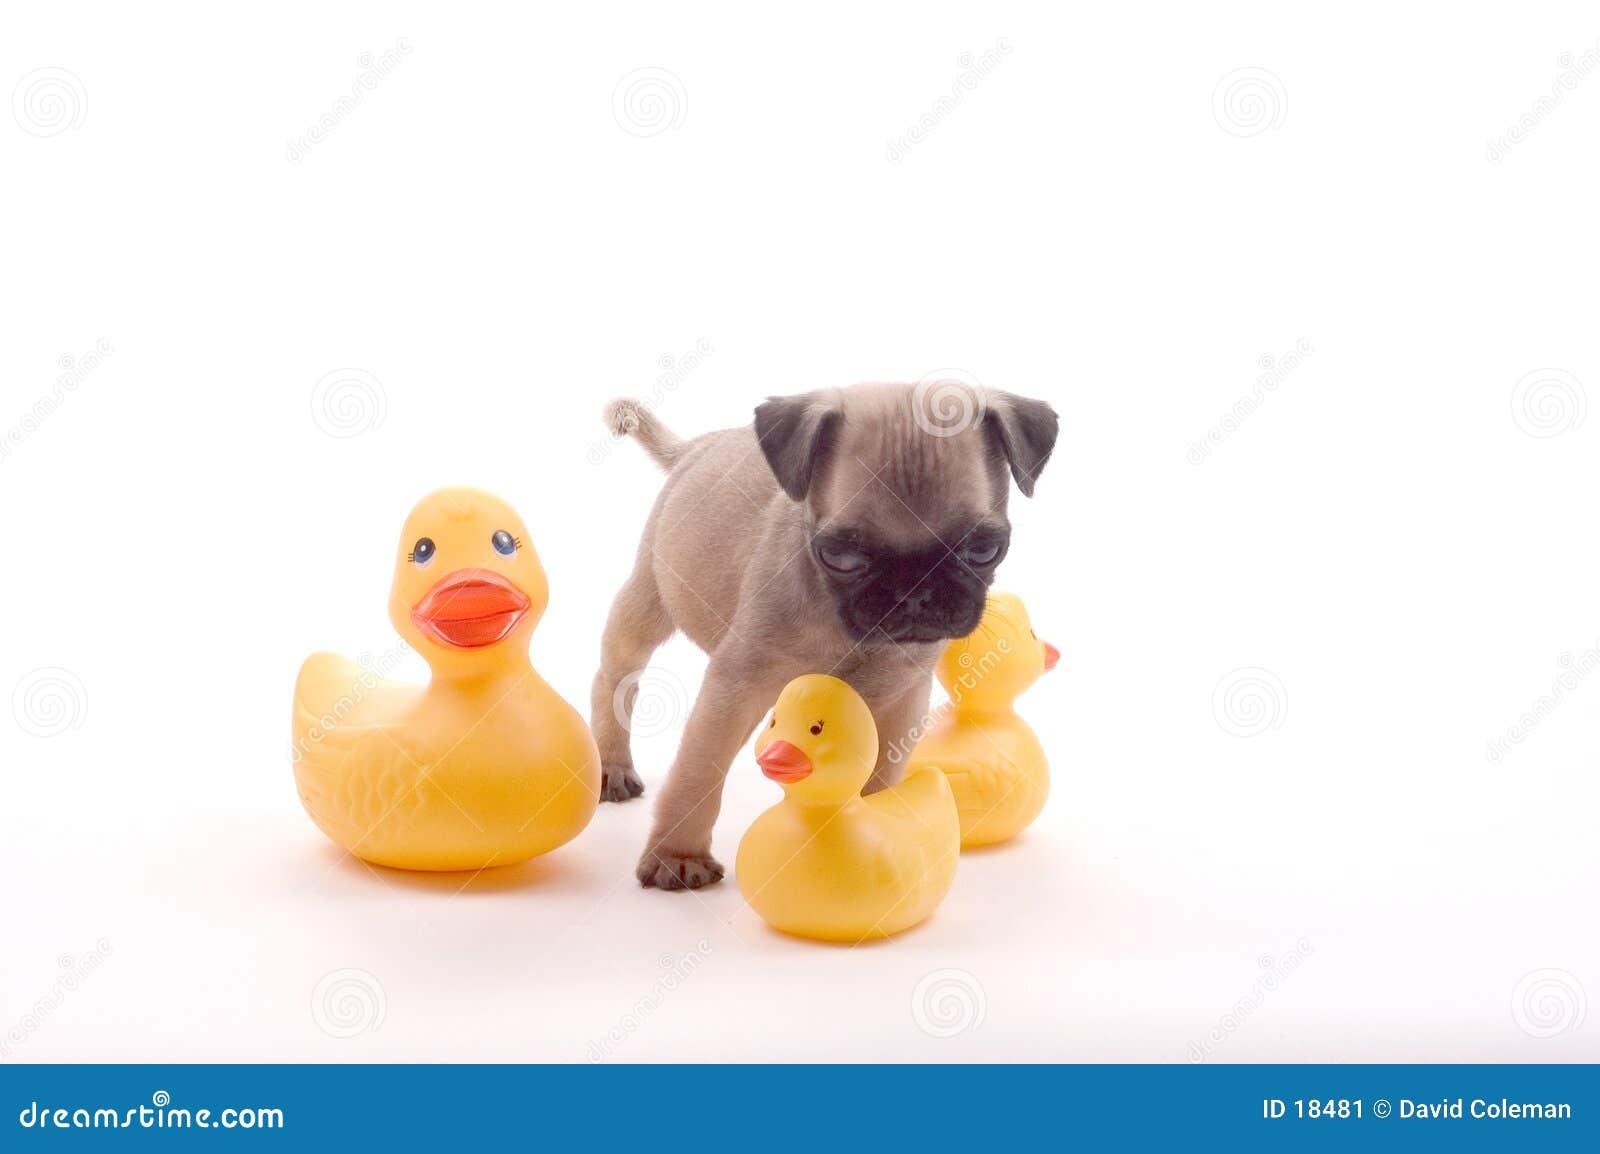 Download 低头哈巴狗橡胶 库存图片. 图片 包括有 橡胶, 哺乳动物, 小狗, 玩具, 少许, 宠物, 婴孩, 鸭子, 哈巴狗 - 18481